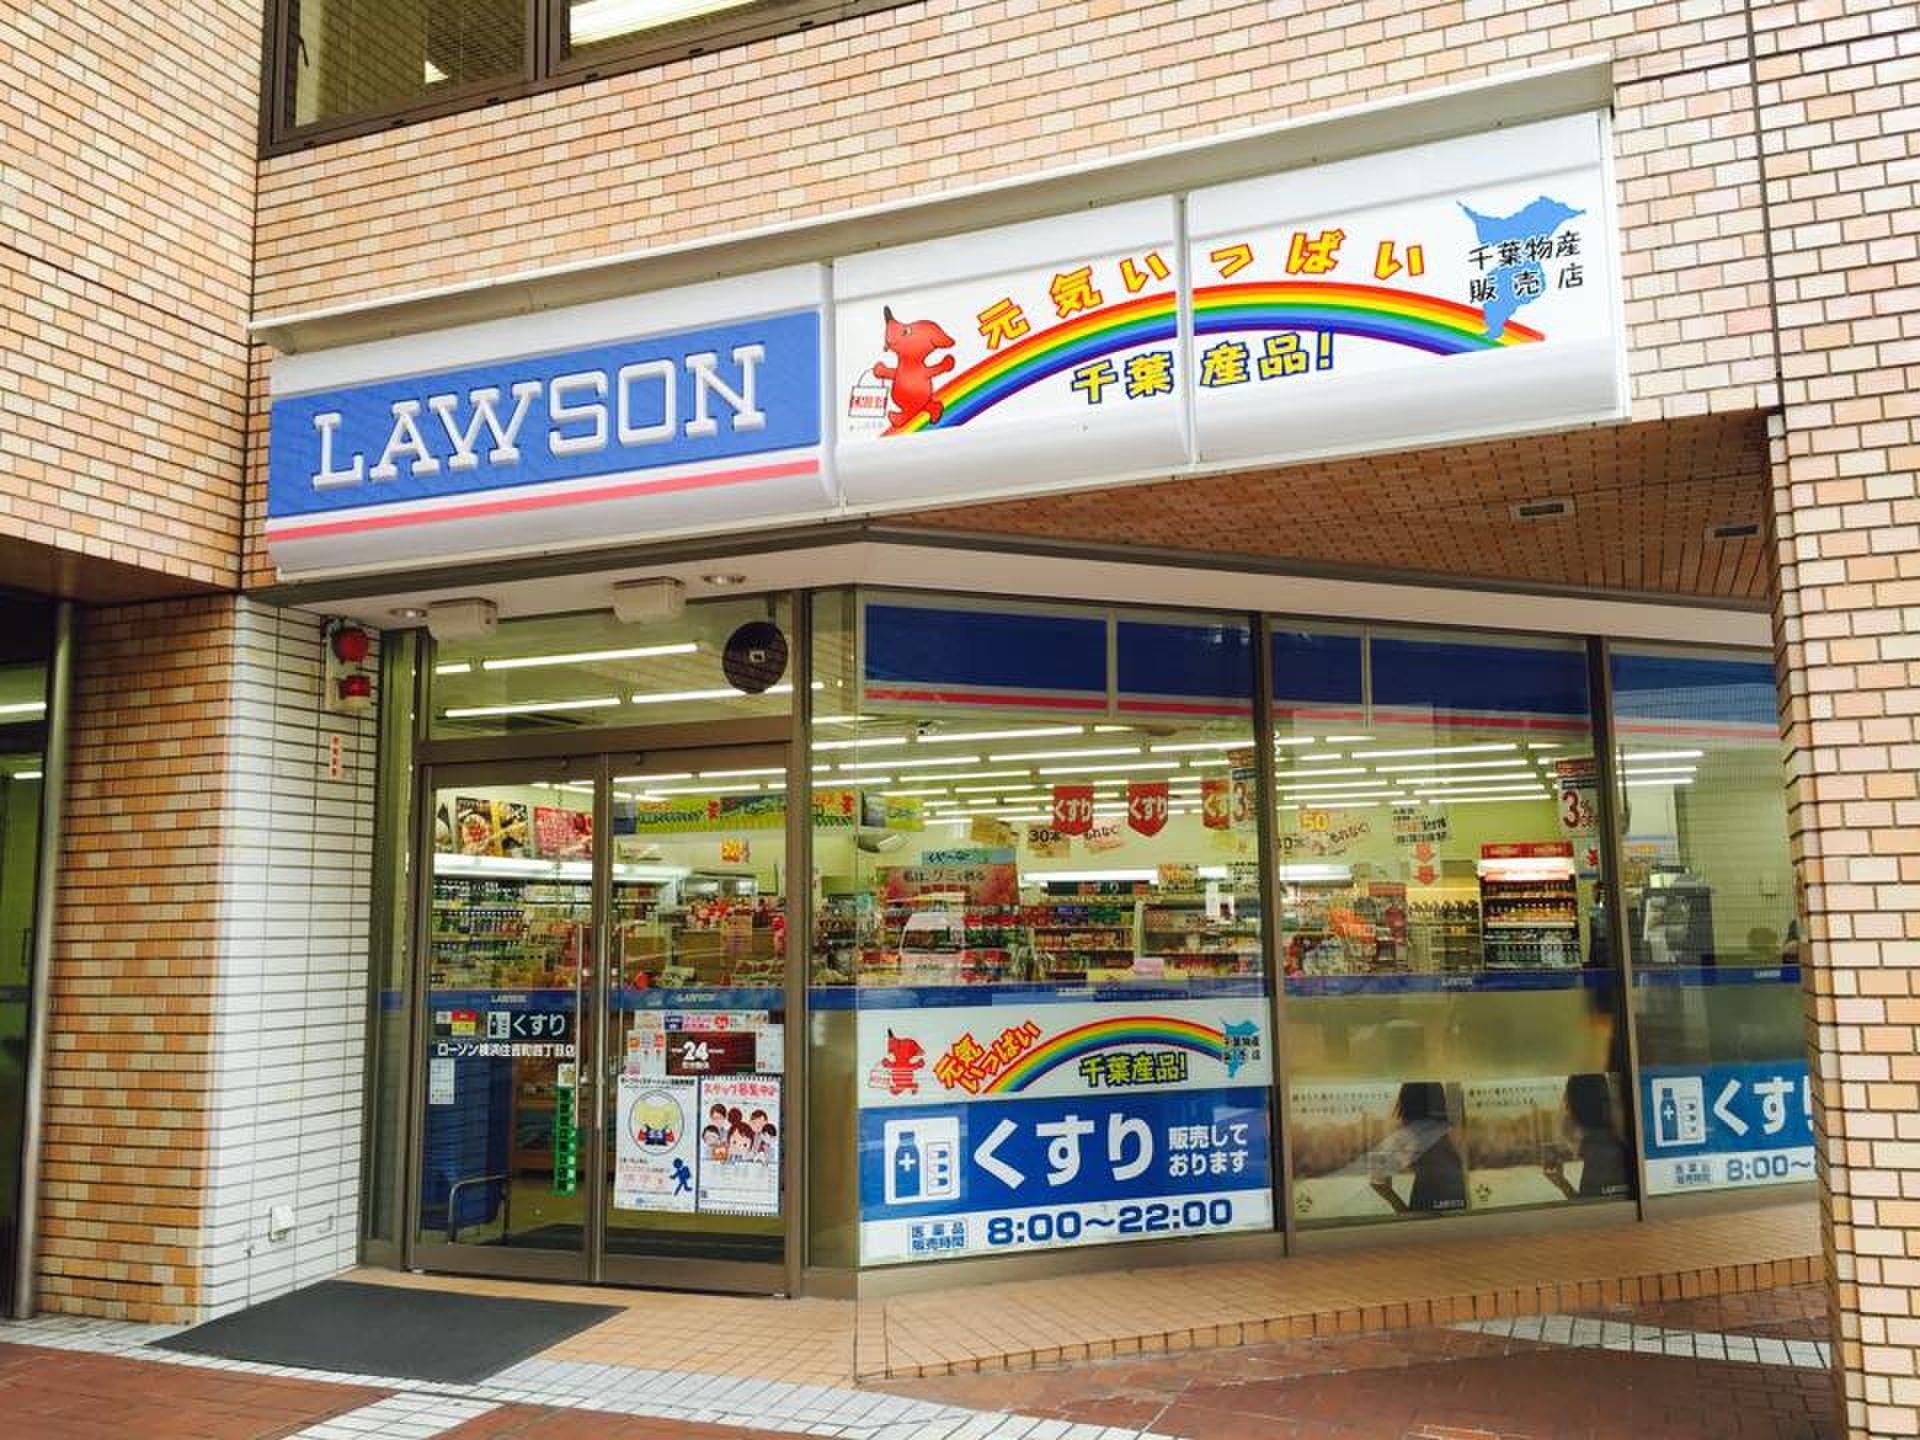 【東京アンテナショップ巡り】千葉県のコンビニ内にあるアンテナショップに行ってきた!